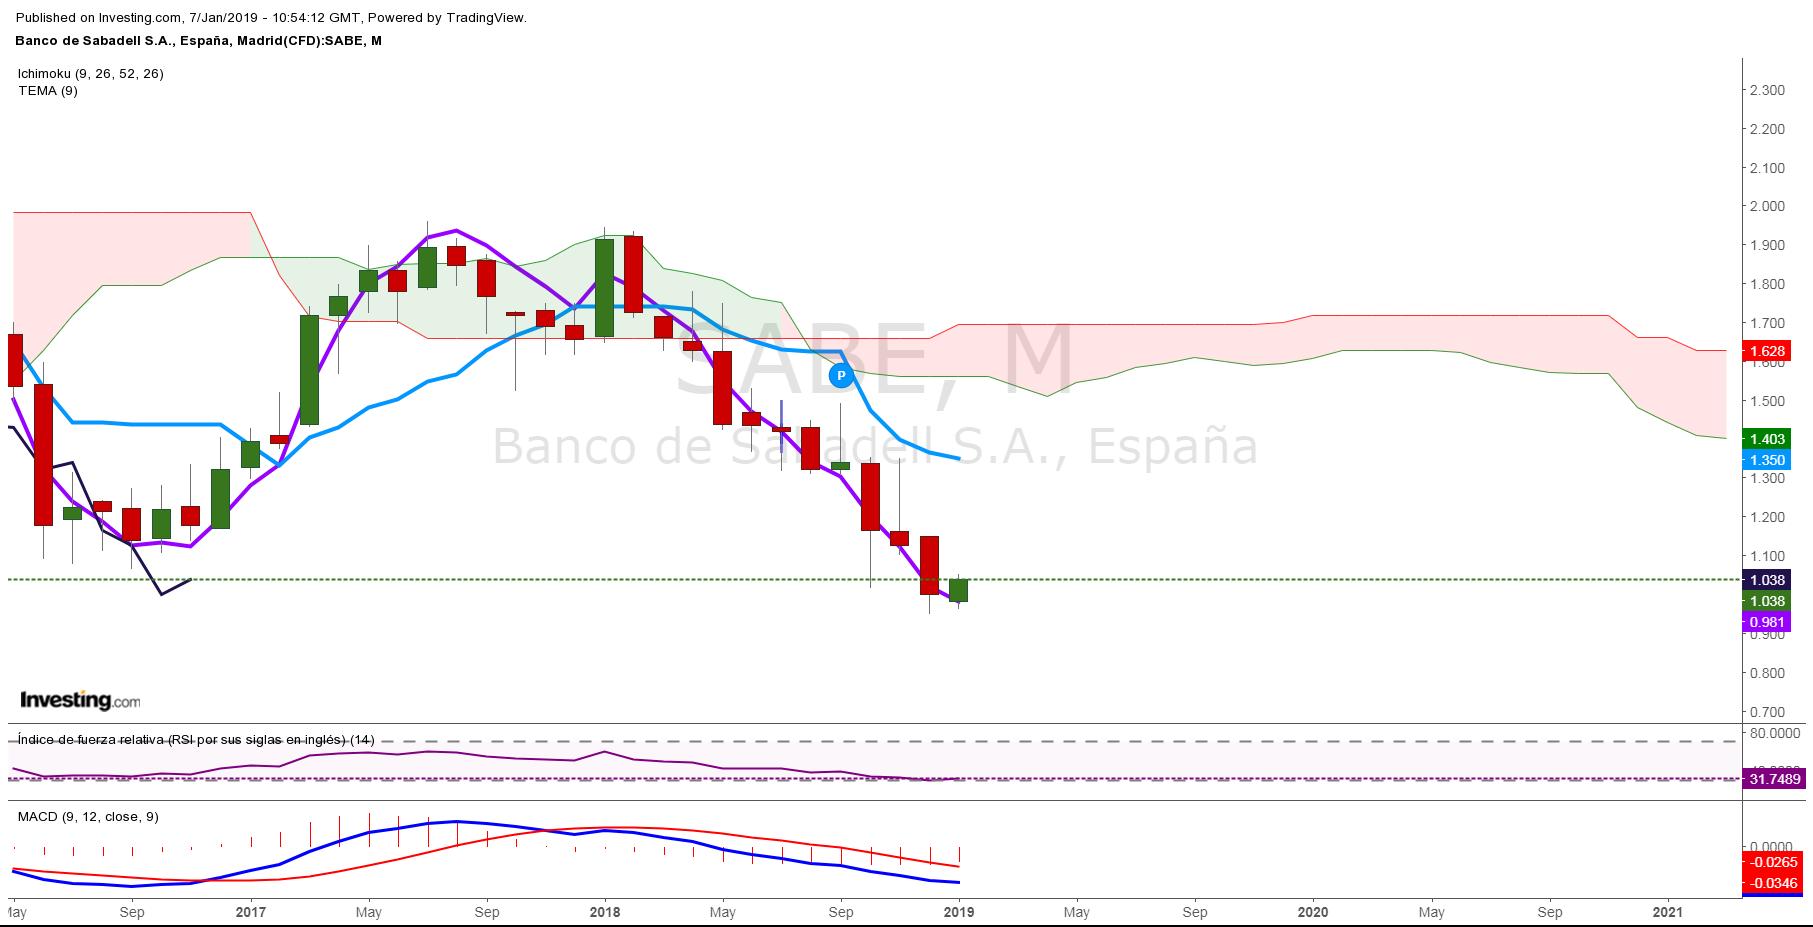 Banco Sabadell Mensual